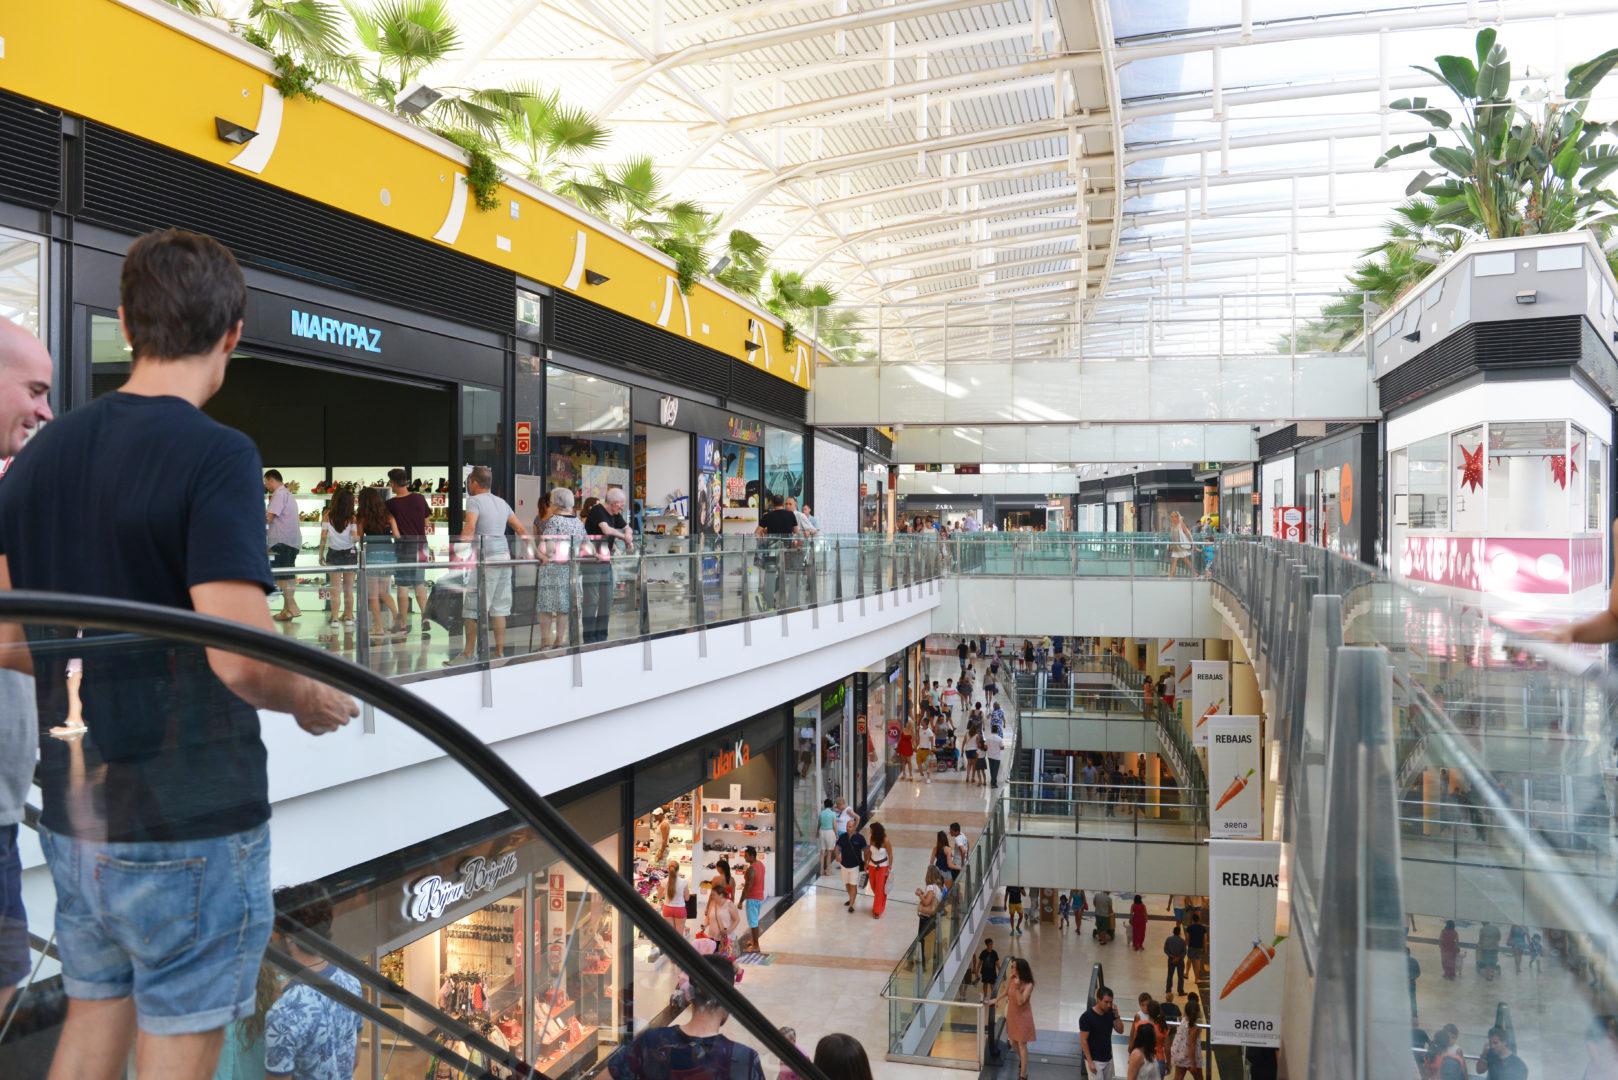 Ampliarían aforo en centros comerciales por campaña navideña